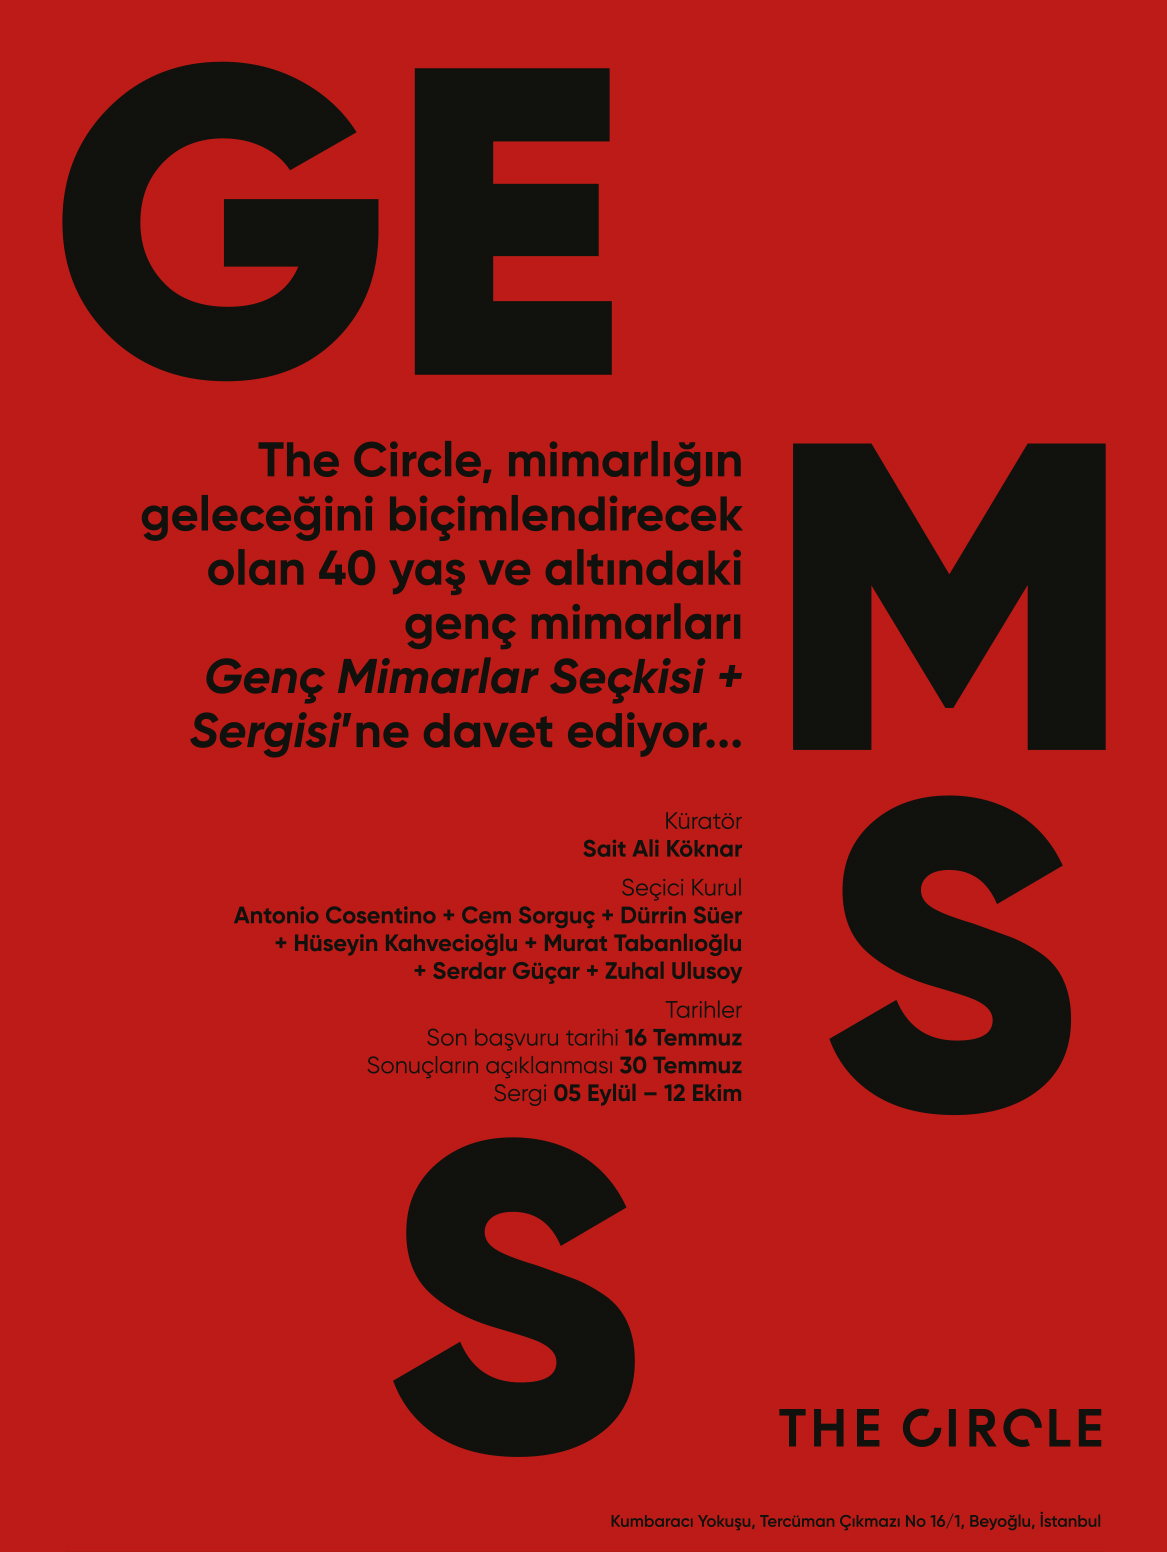 Genç Mimarlar Seçkisi & Sergisi - Türkiye'deki çağdaş mimarlık ortamında, 40 yaş altı yaratıcı genç mimarlar tarafından üretilen yenilikçi fikir ve projeleri kayıt altına almayı hedefleyen sergi projesi.Proje Detayları